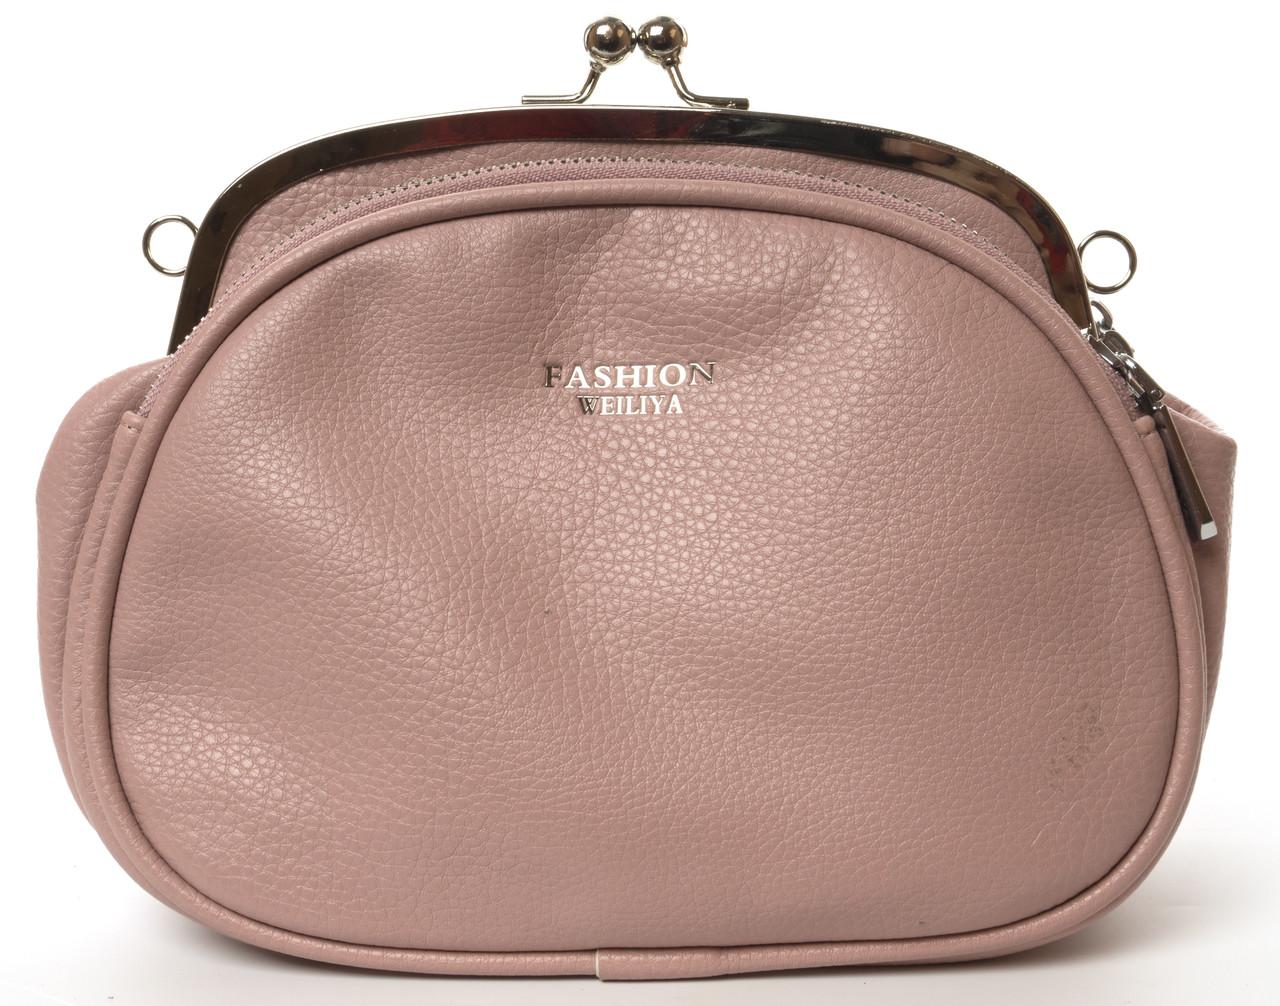 Небольшая аккуратная прочная женская сумочка с очень качественного заменителя WEILIYA art. F9026-1